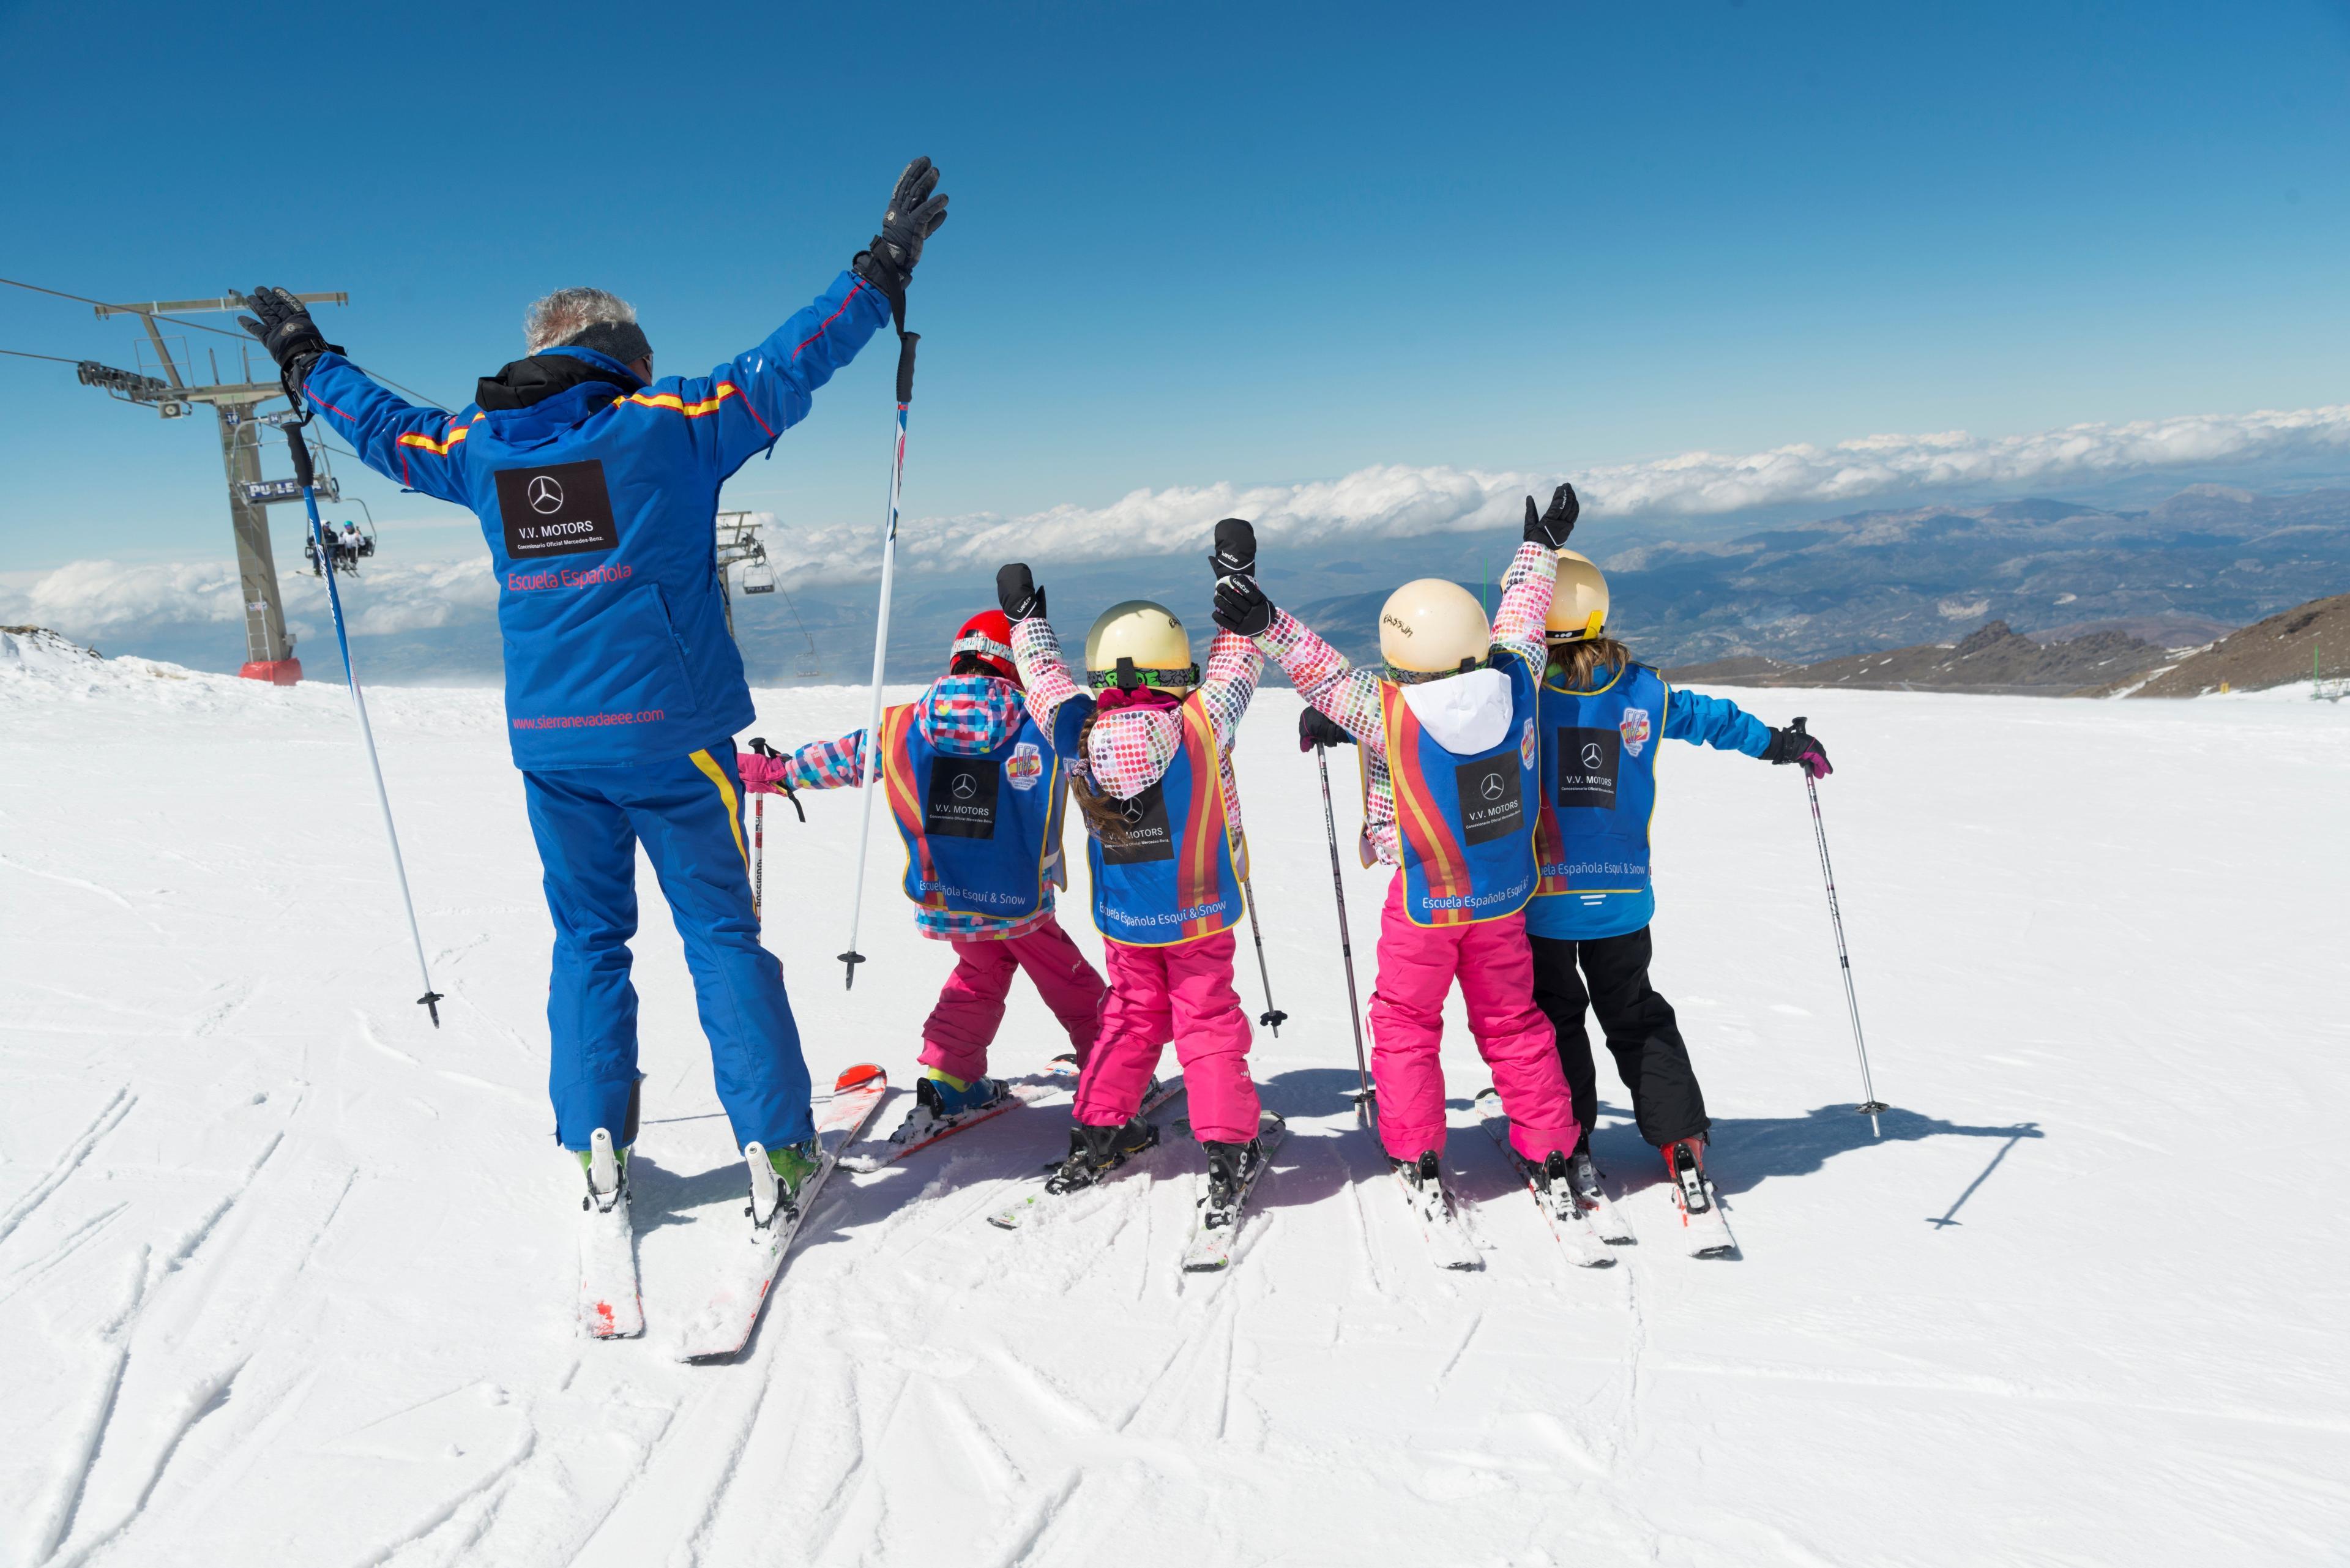 Kids Ski Lessons (5-12 y.) for Beginners - Weekend